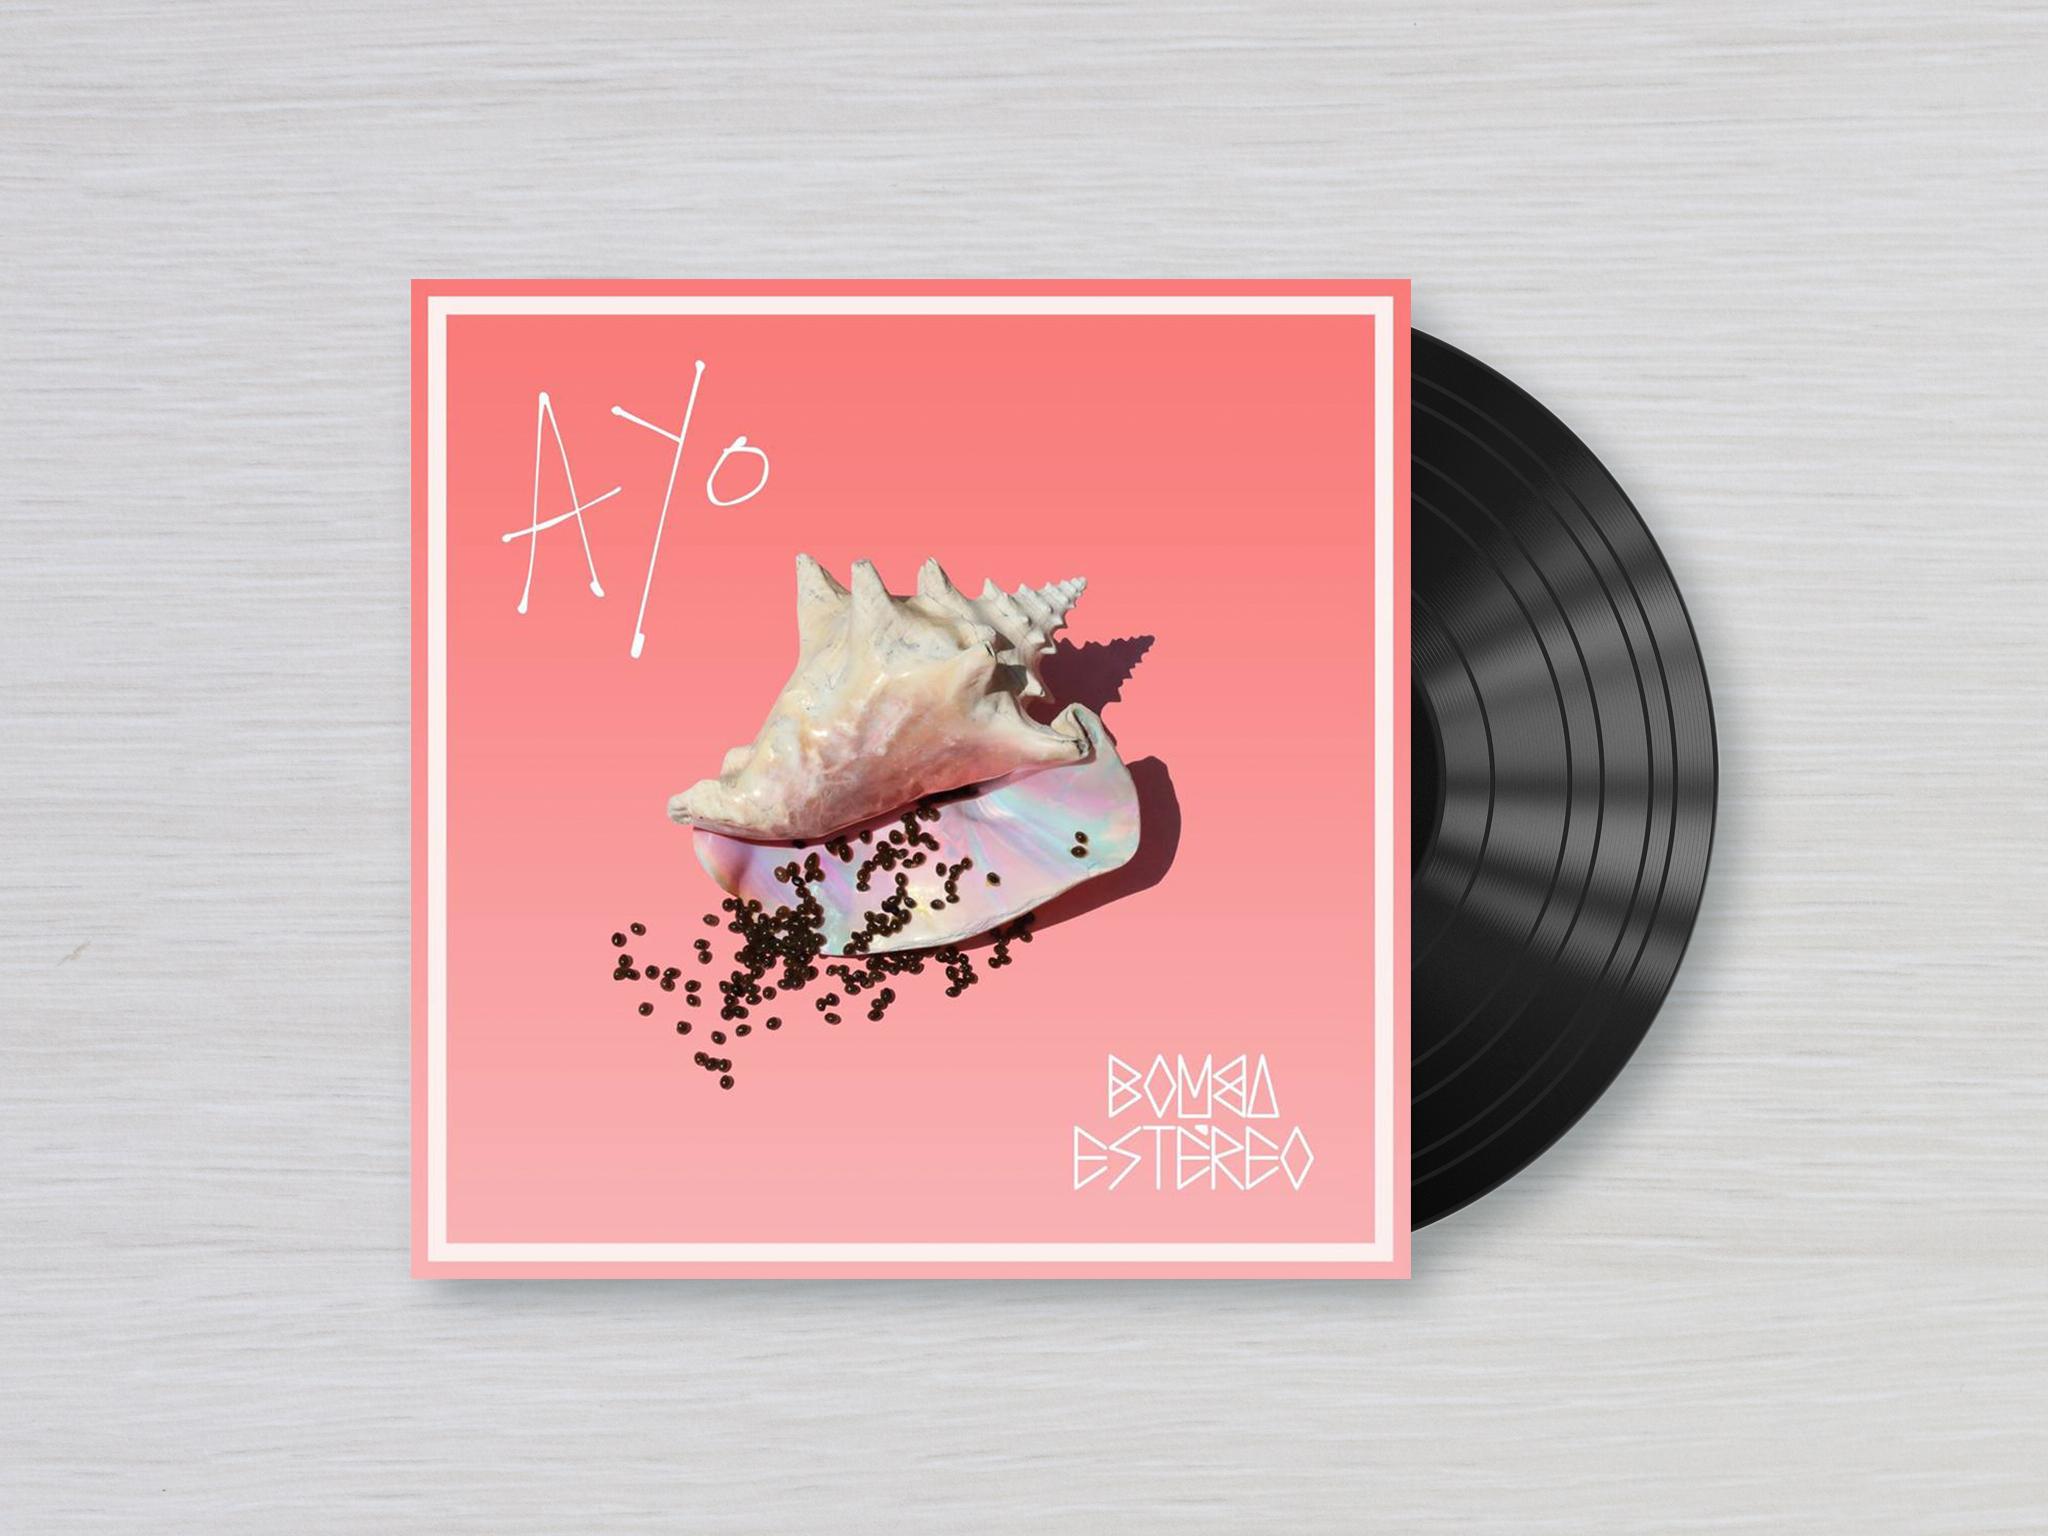 Bomba Estéreo presenta su quinto LP